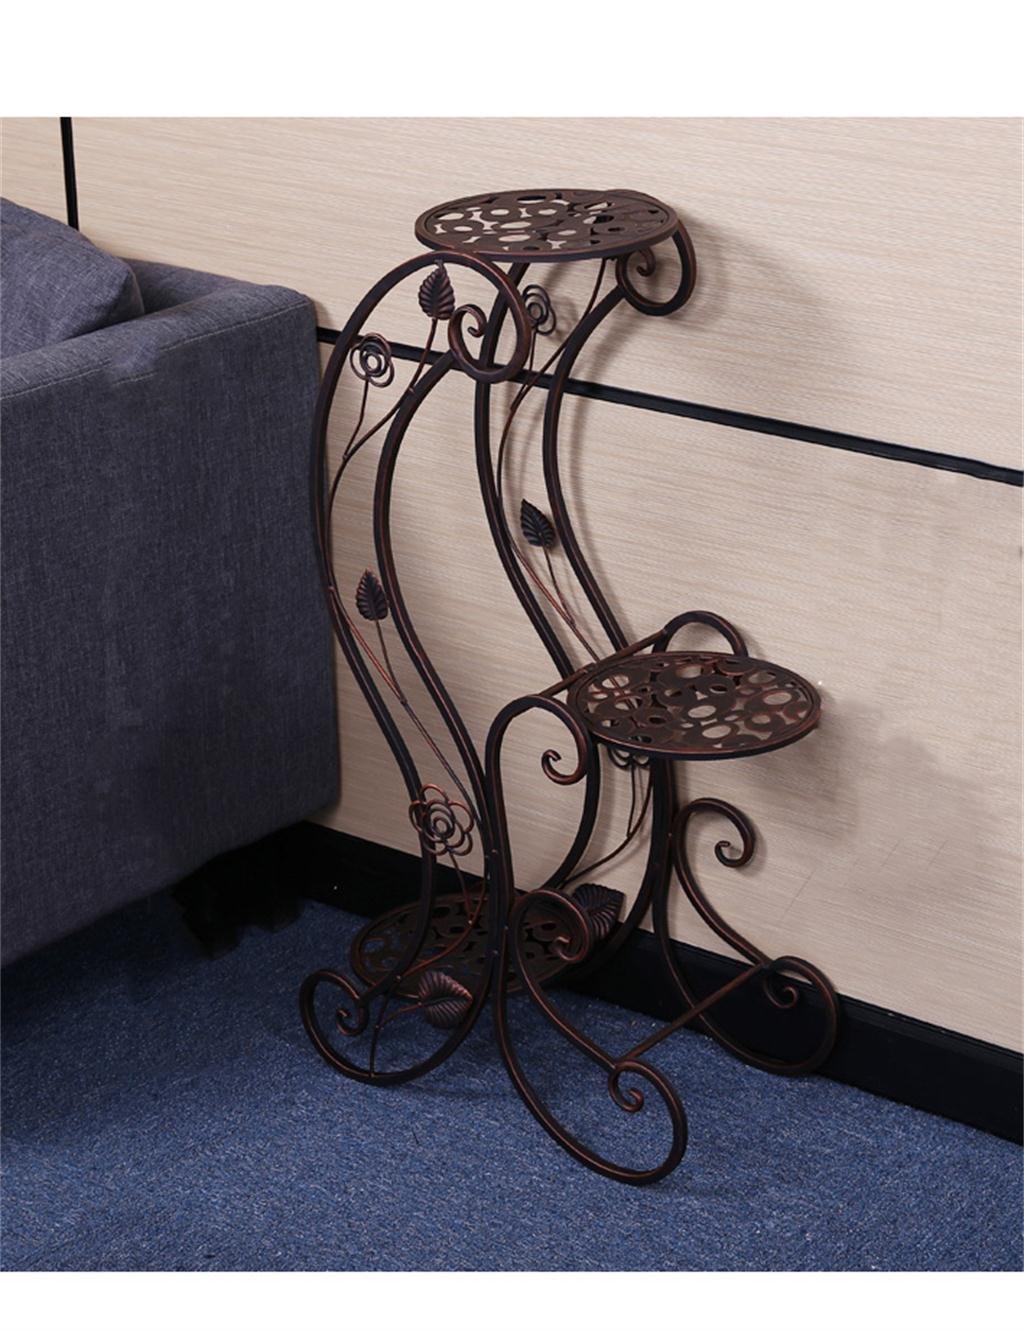 LB huajia ZHANWEI Europäische - Stil Blumenbeet Schlafzimmer Wohnzimmer Mehrstöckige Eisen Blumentöpfe Balkon Blumenregale (Farbe : Messing)